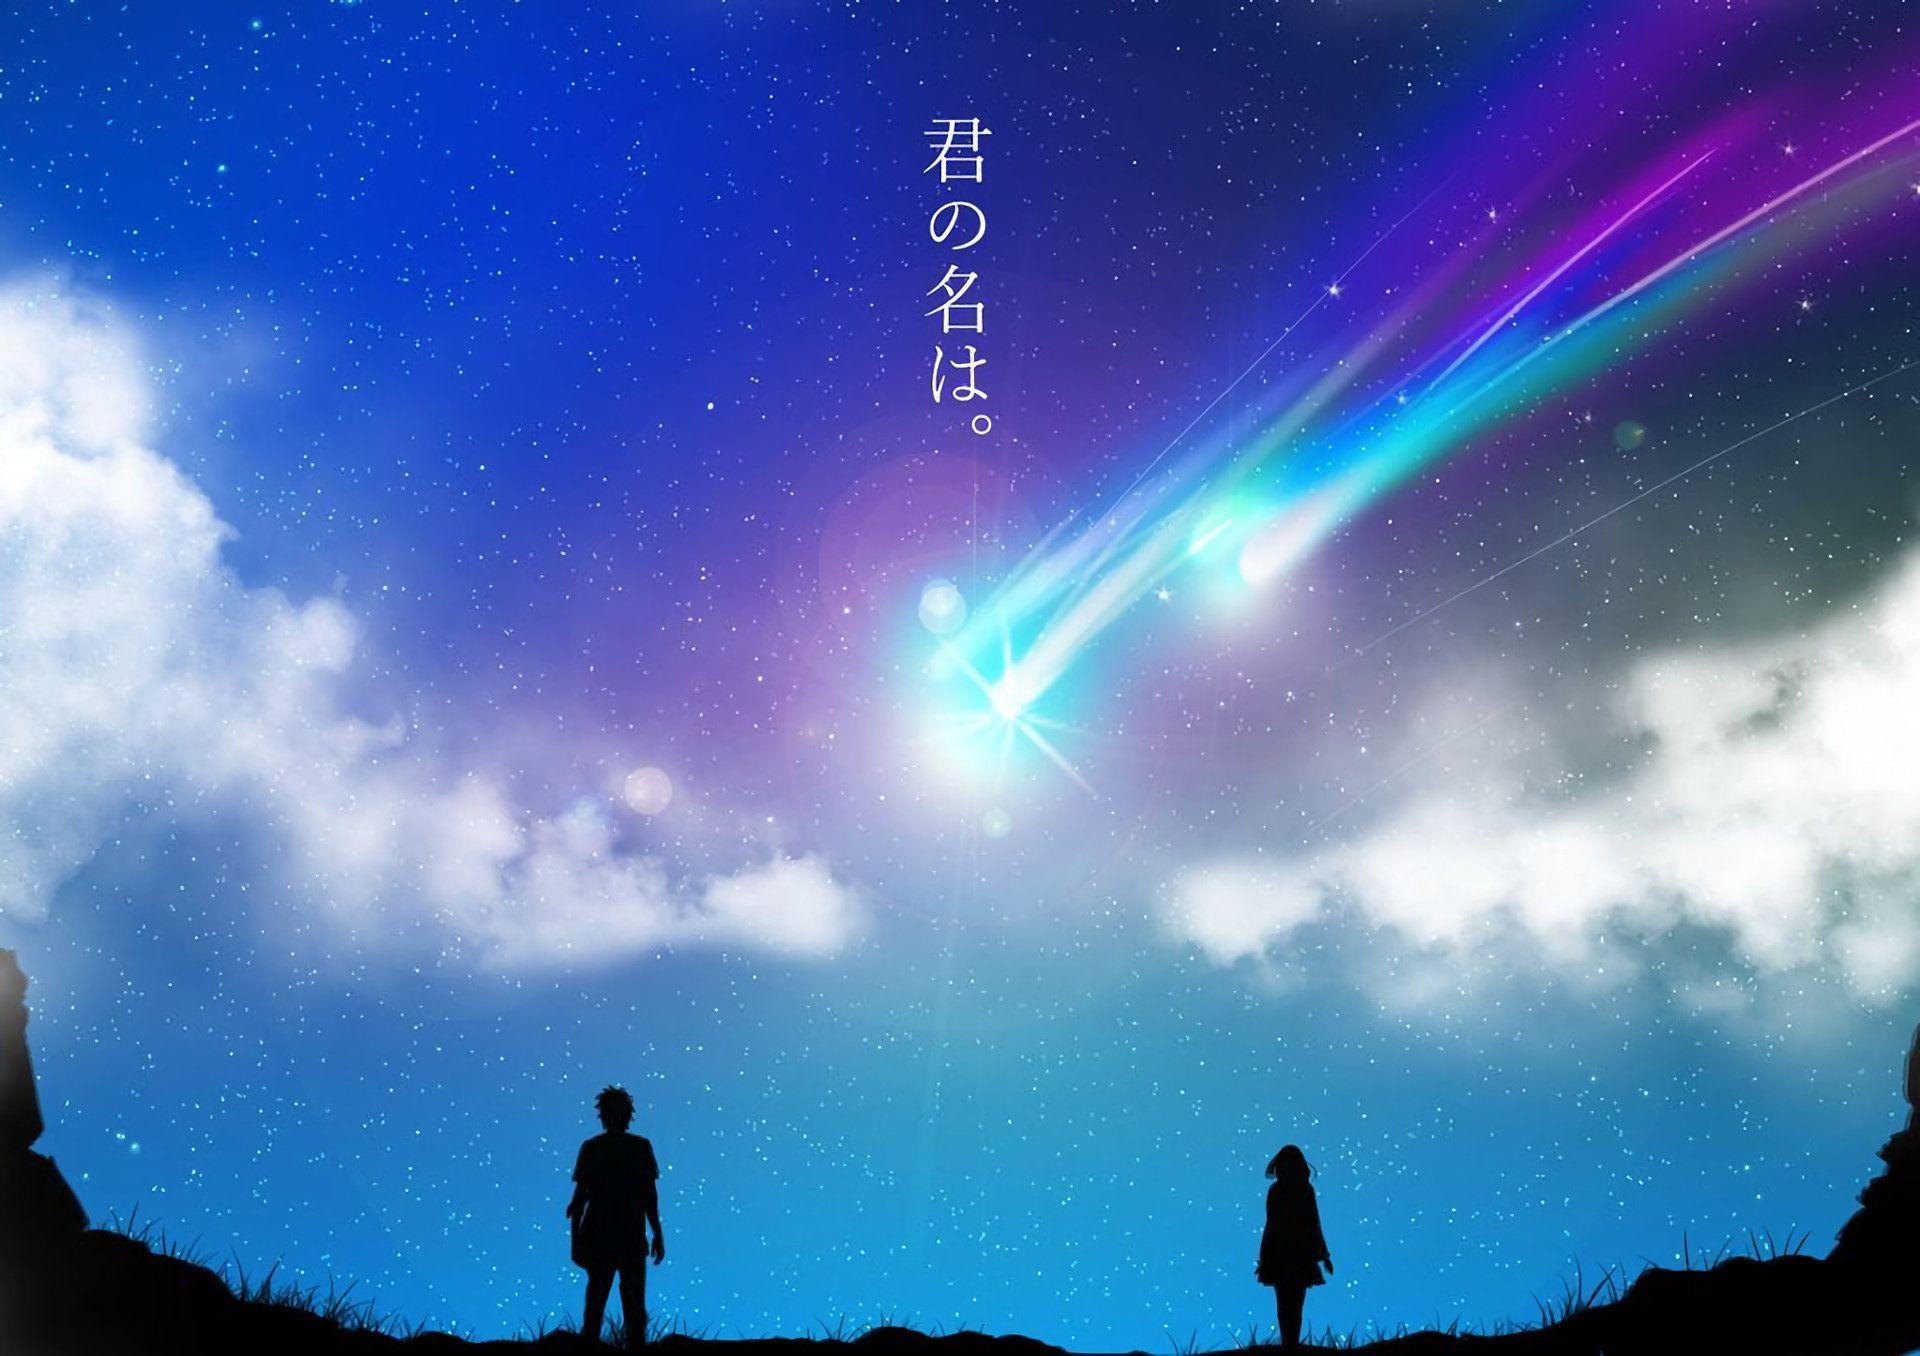 Lake Your Name Anime Wallpapers Top Free Lake Your Name